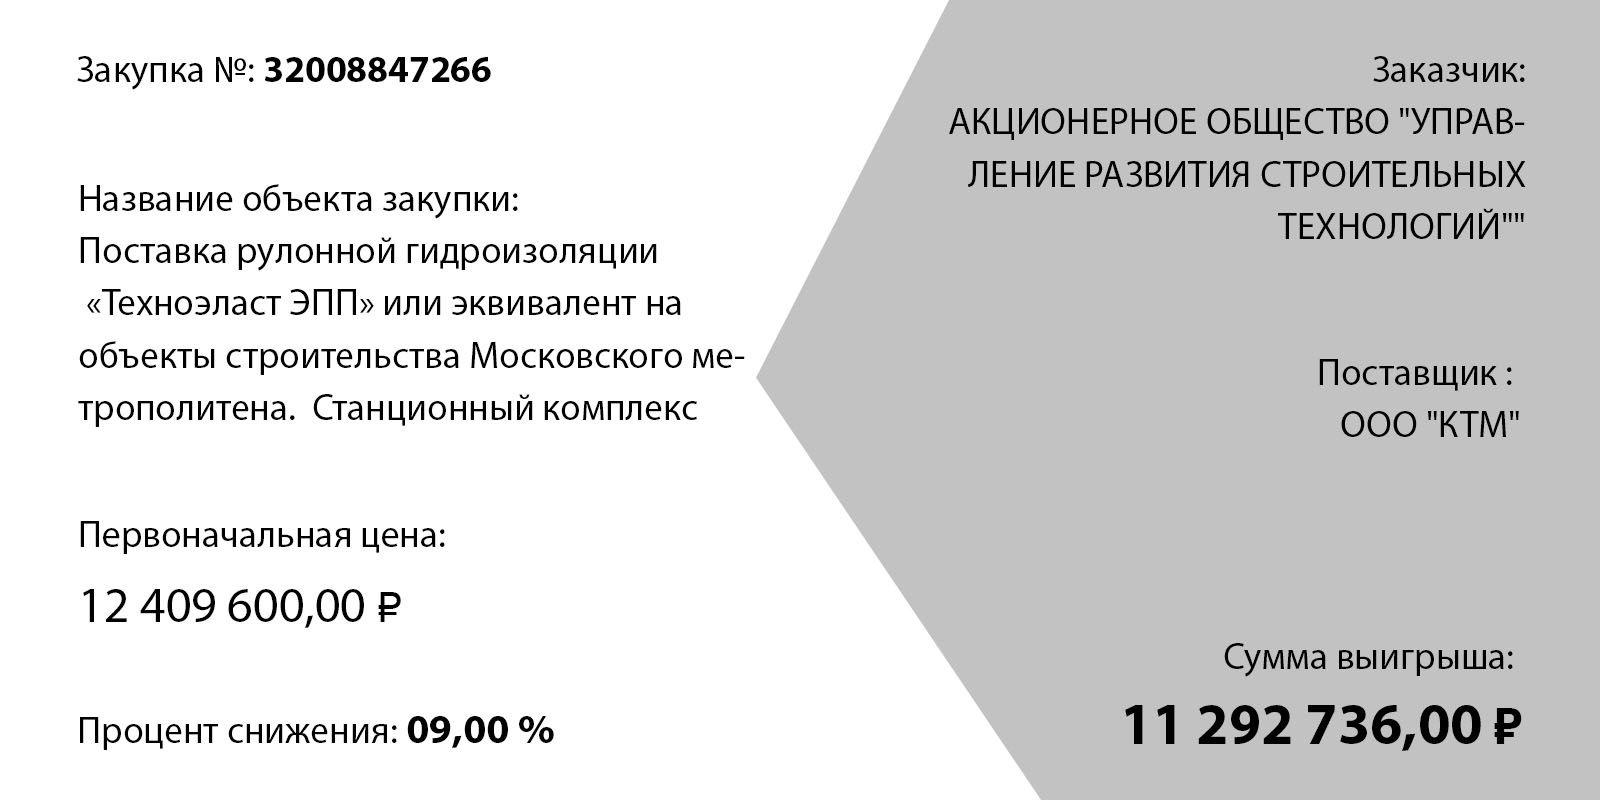 Тендерная студия Игоря Луценко кейс КТМ